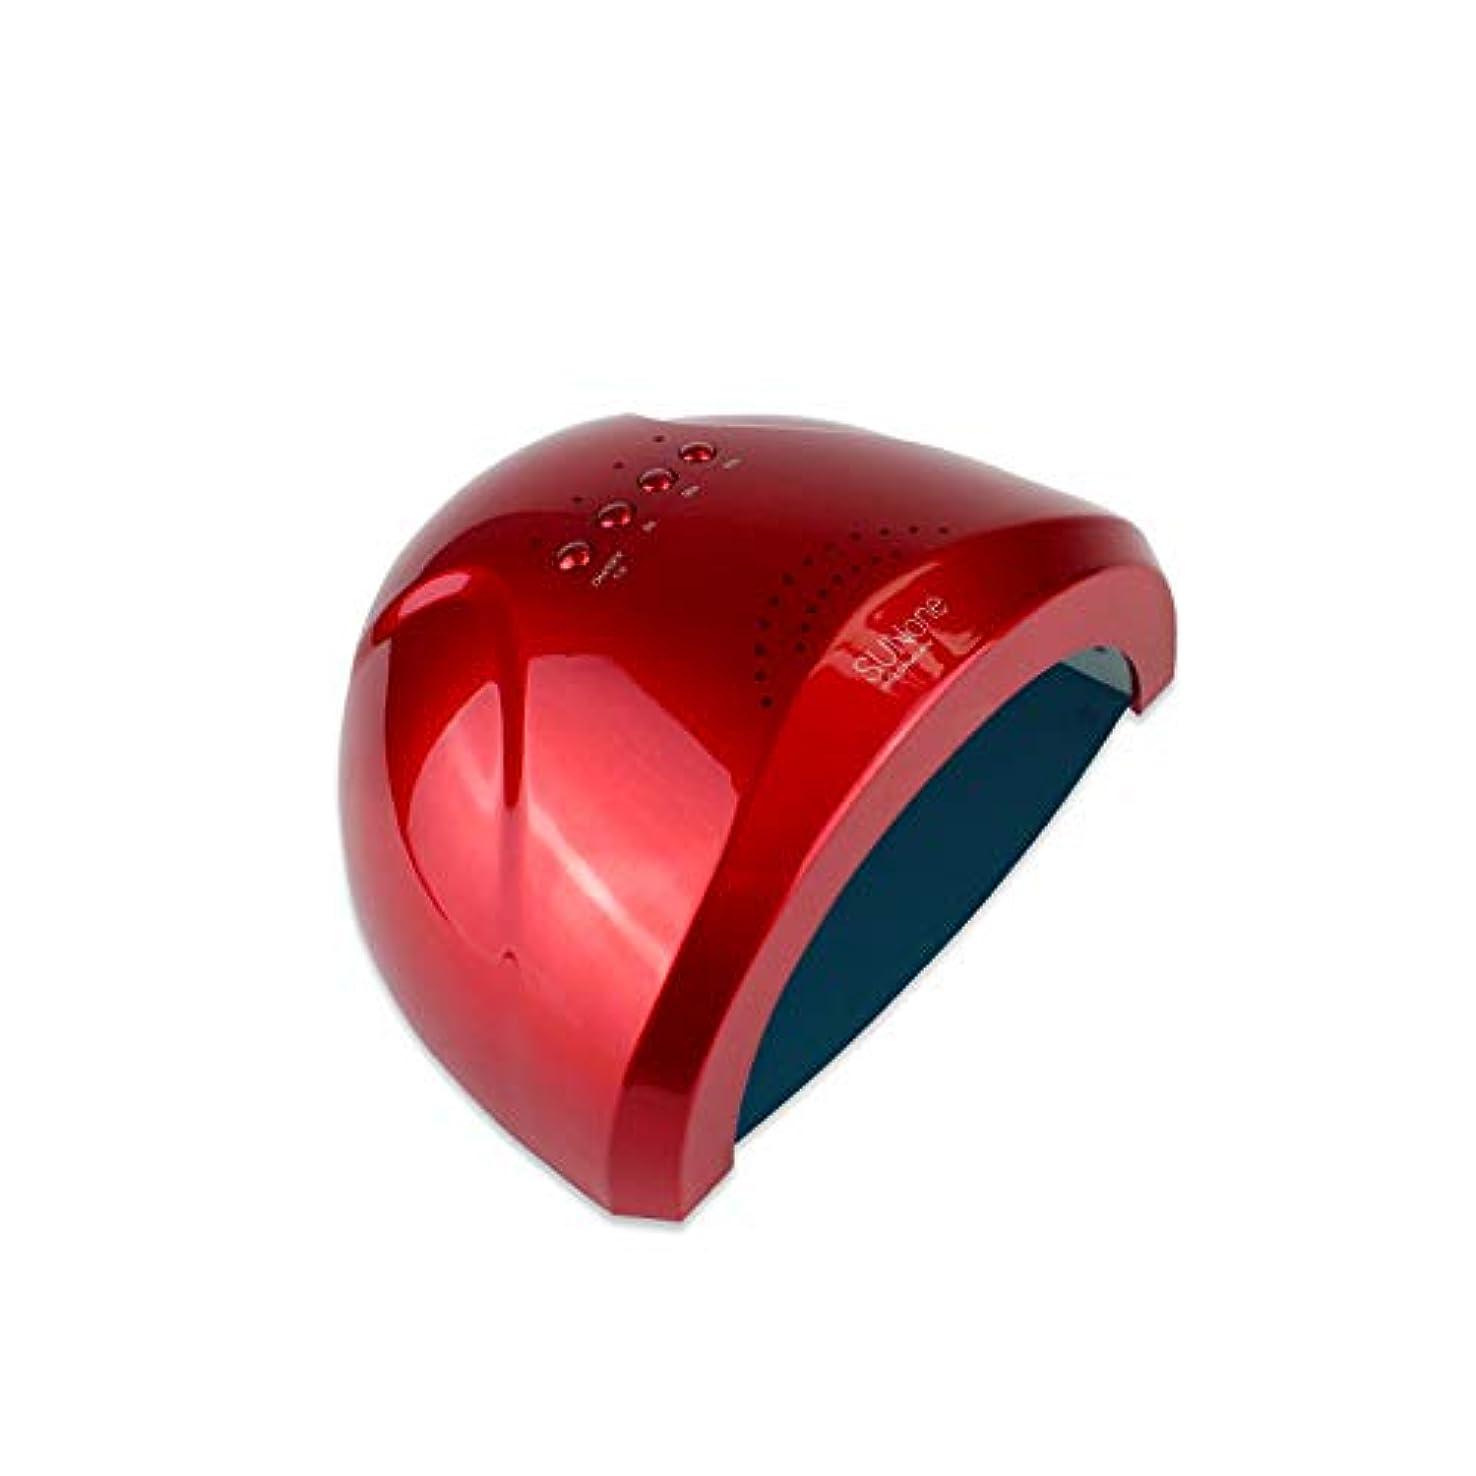 感情ビザ骨LEDネイル光線療法機、ホームインテリジェントセンサー多機能リムーバブルネイルキュアマシン、デュアルソースネイルポリッシャー、ホテル/家族/ホテルに適しています